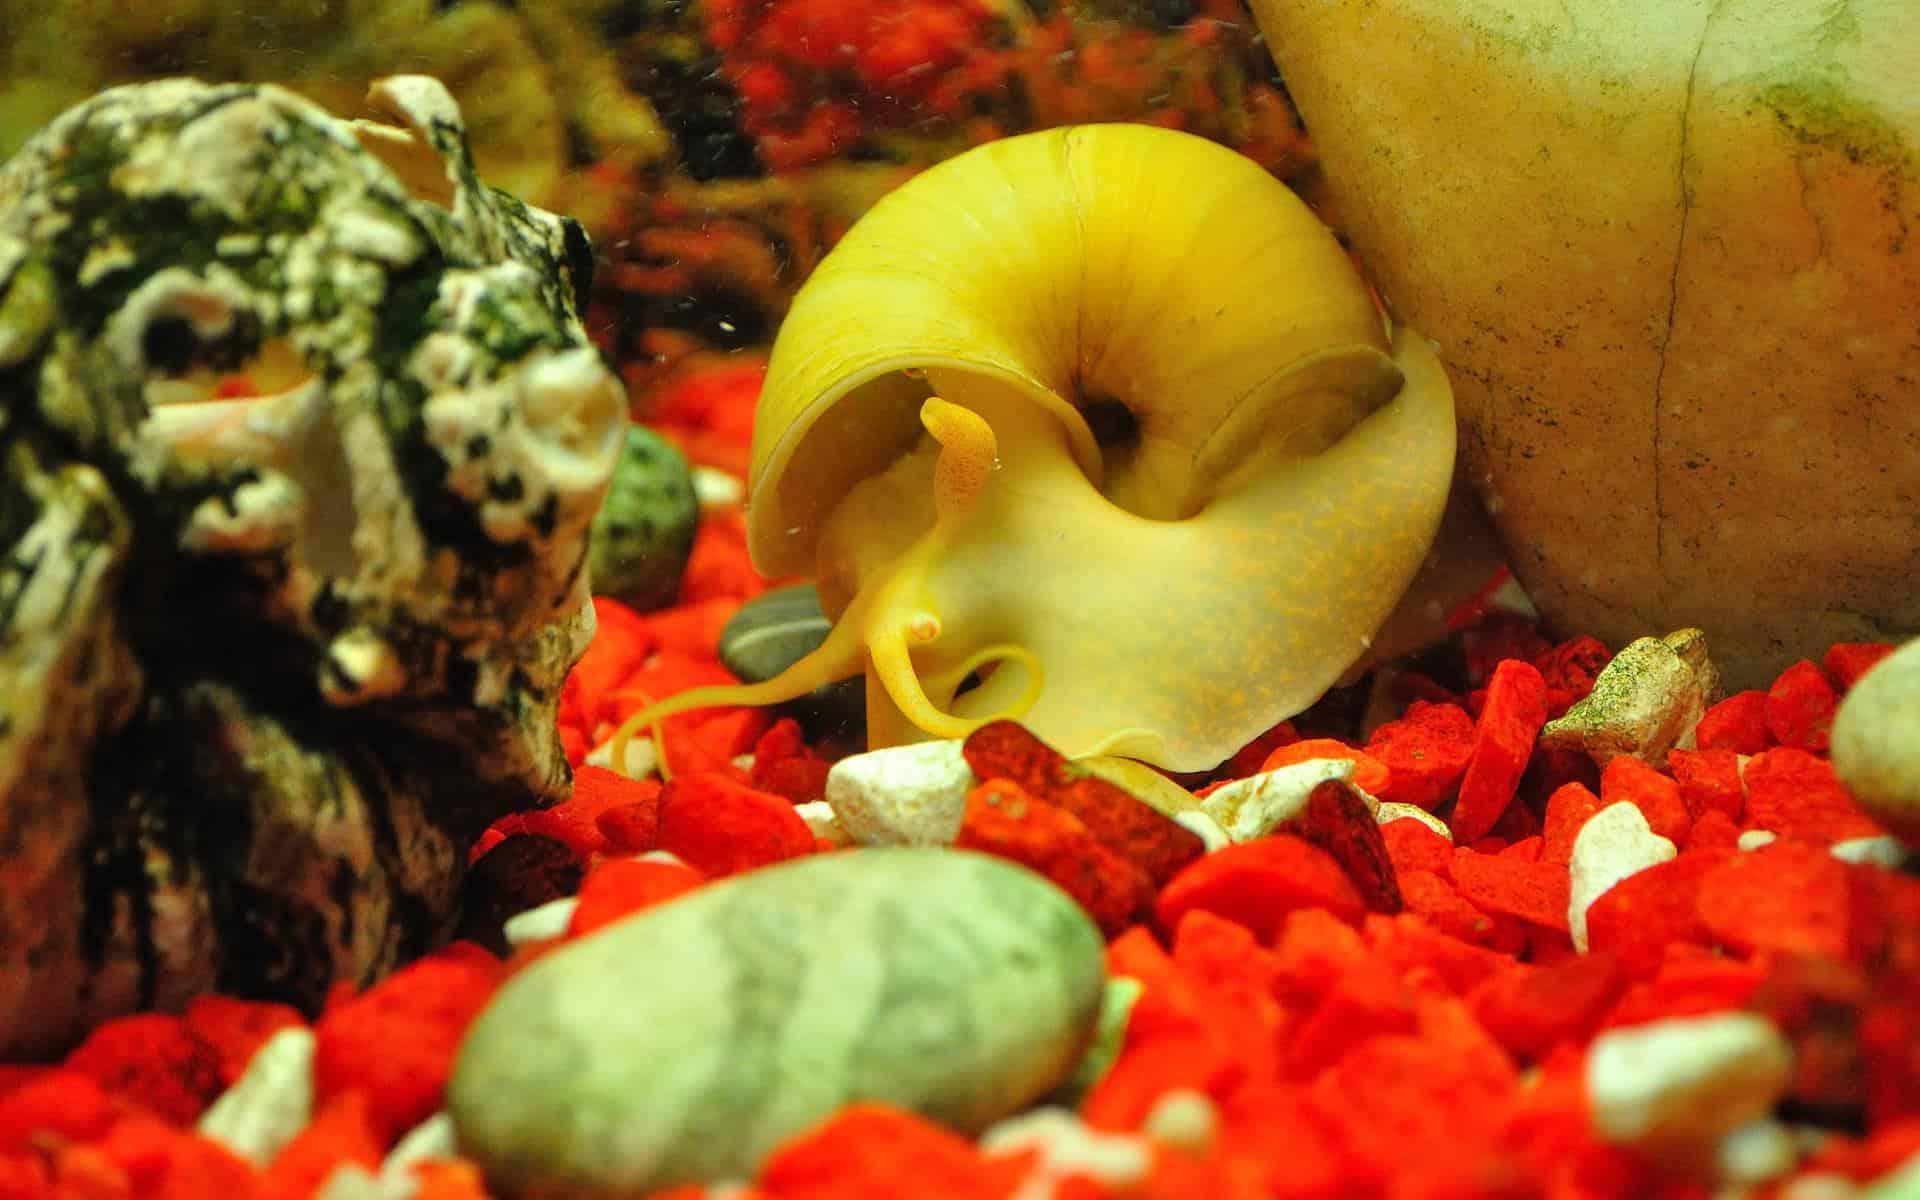 gold inca snail hiding